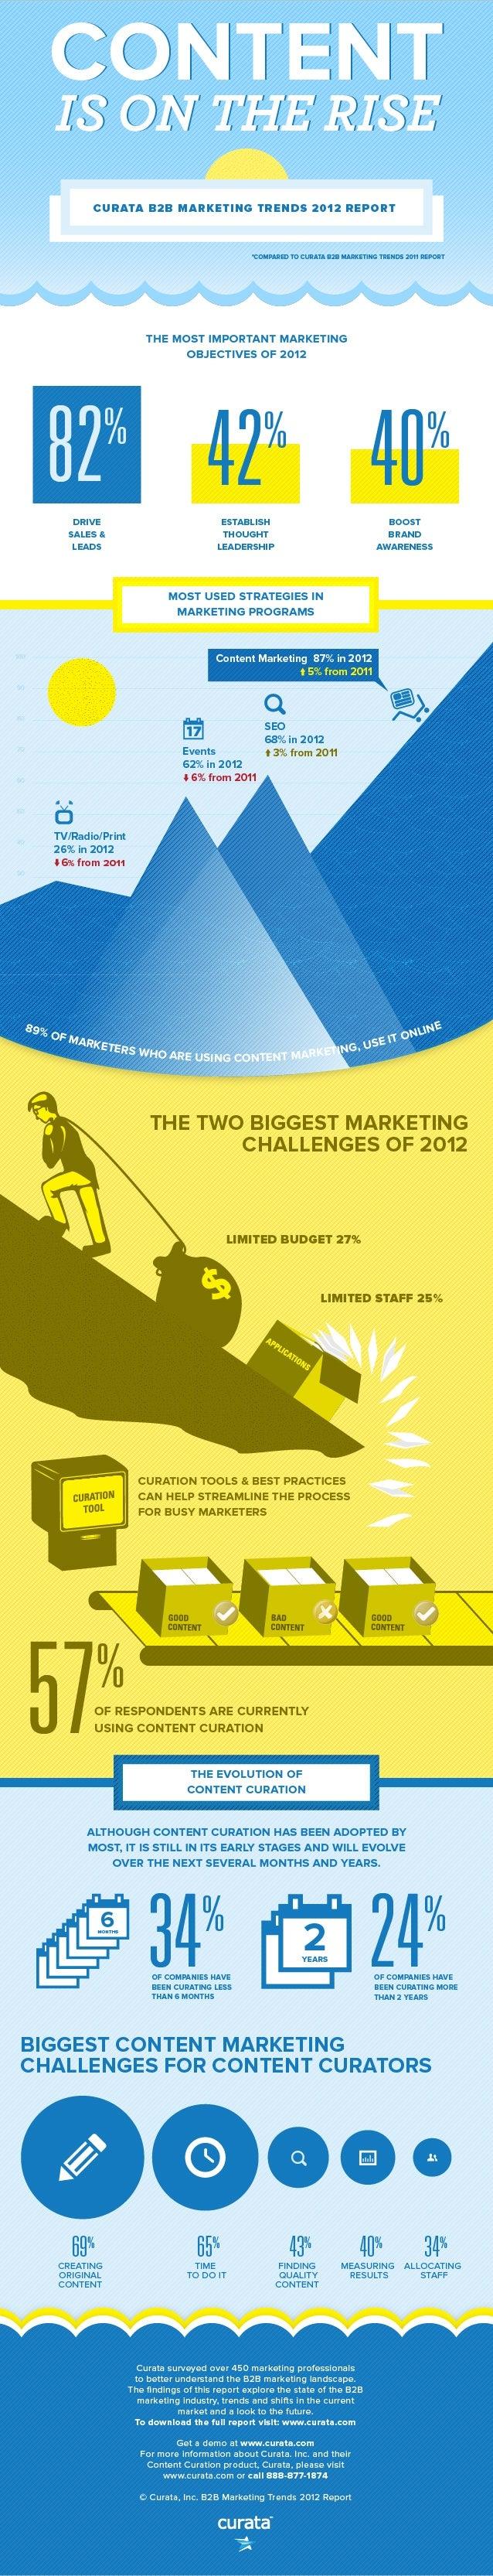 B2B Marketing Trends 2012 Report